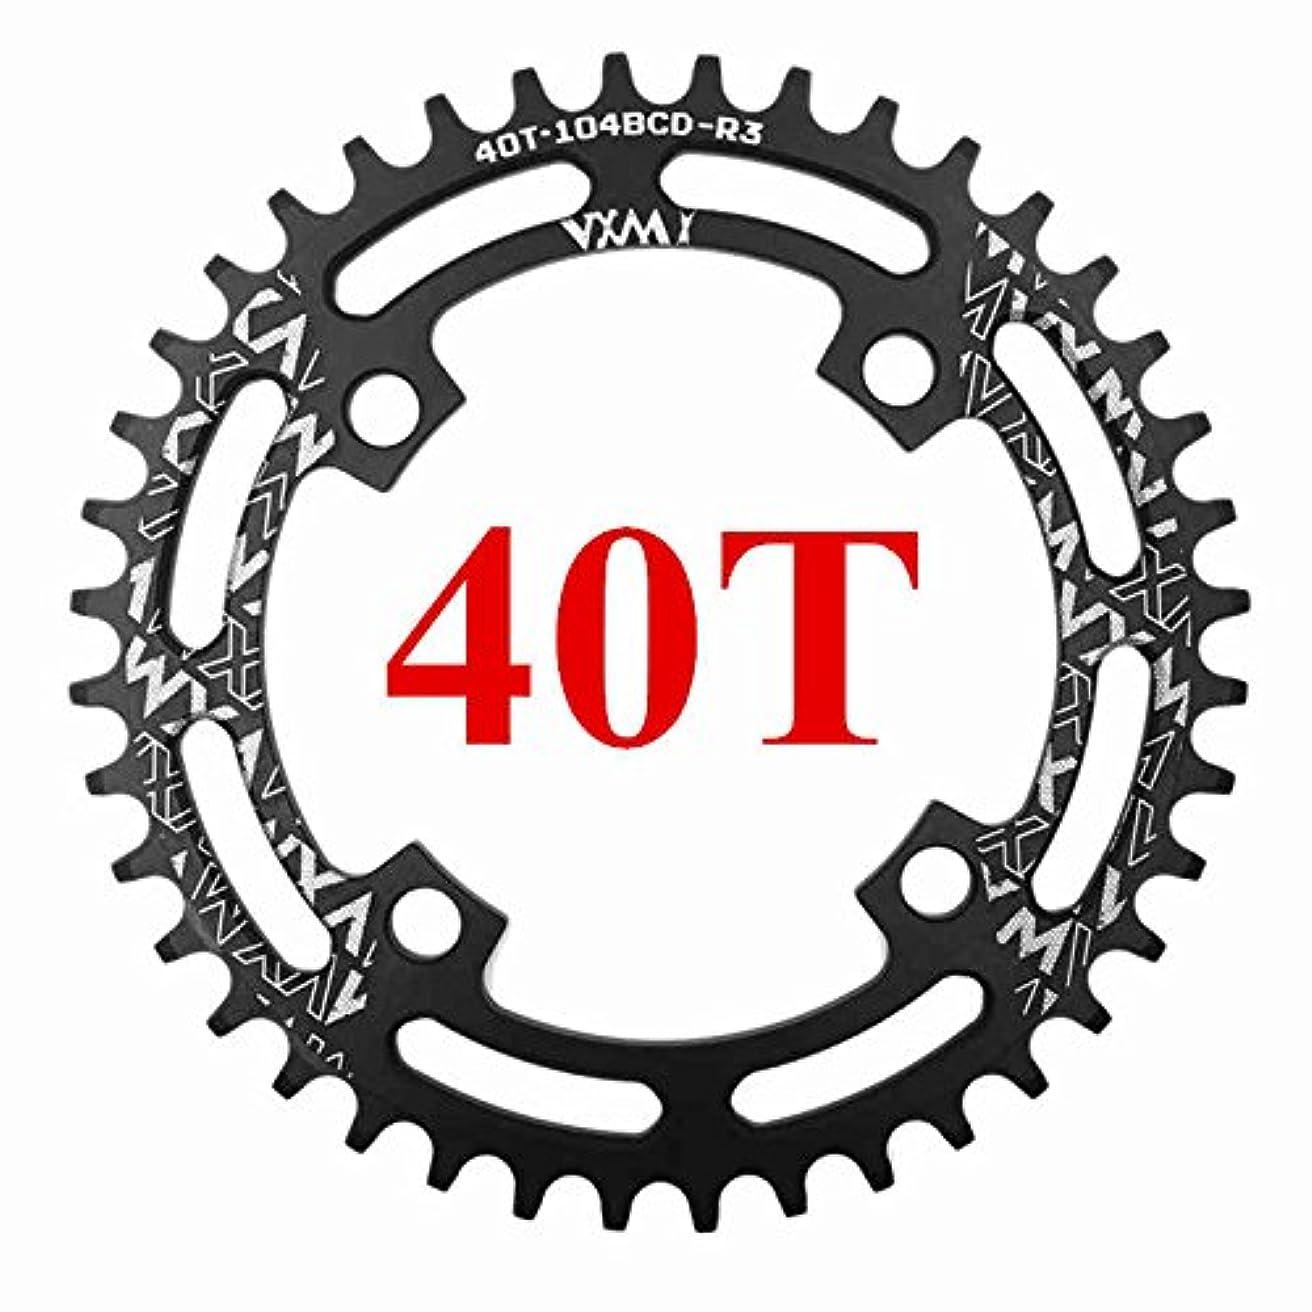 くぼみジョリー適応するPropenary - 自転車104BCDクランクオーバルラウンド30T 32T 34T 36T 38T 40T 42T 44T 46T 48T 50T 52TチェーンホイールXT狭い広い自転車チェーンリング[ラウンド40T...